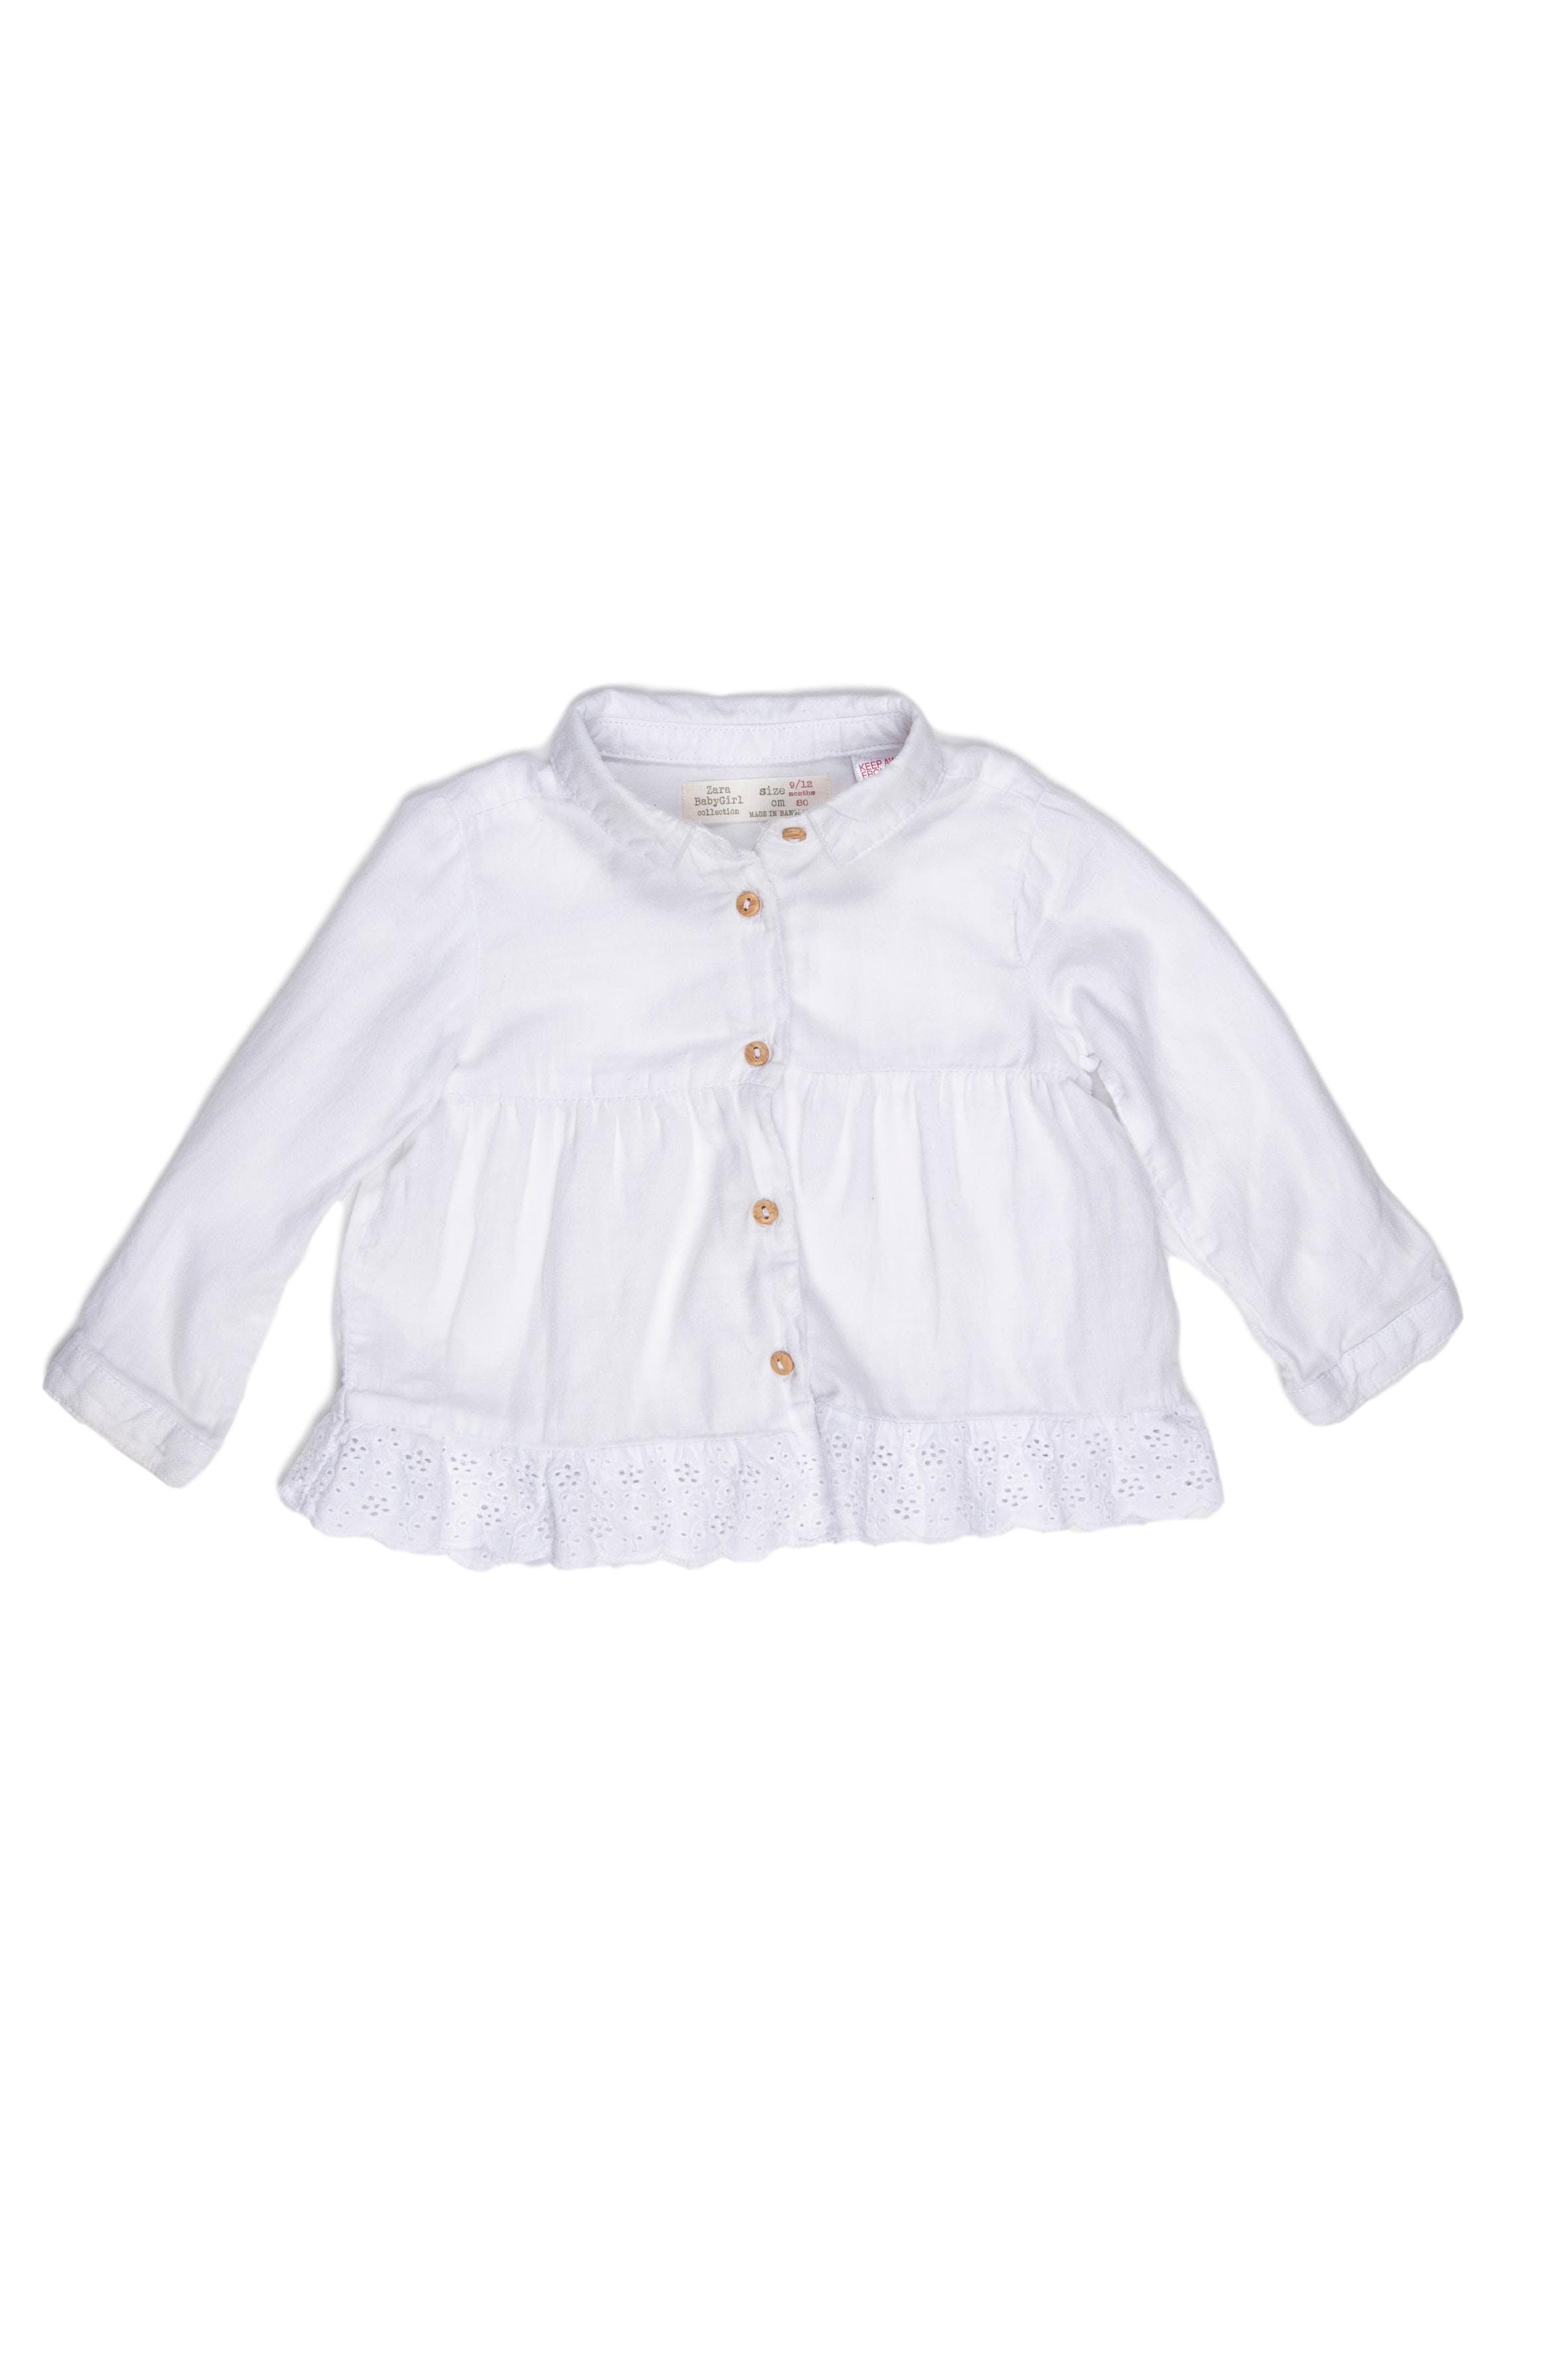 Blusa blanca 100% algodón - Zara